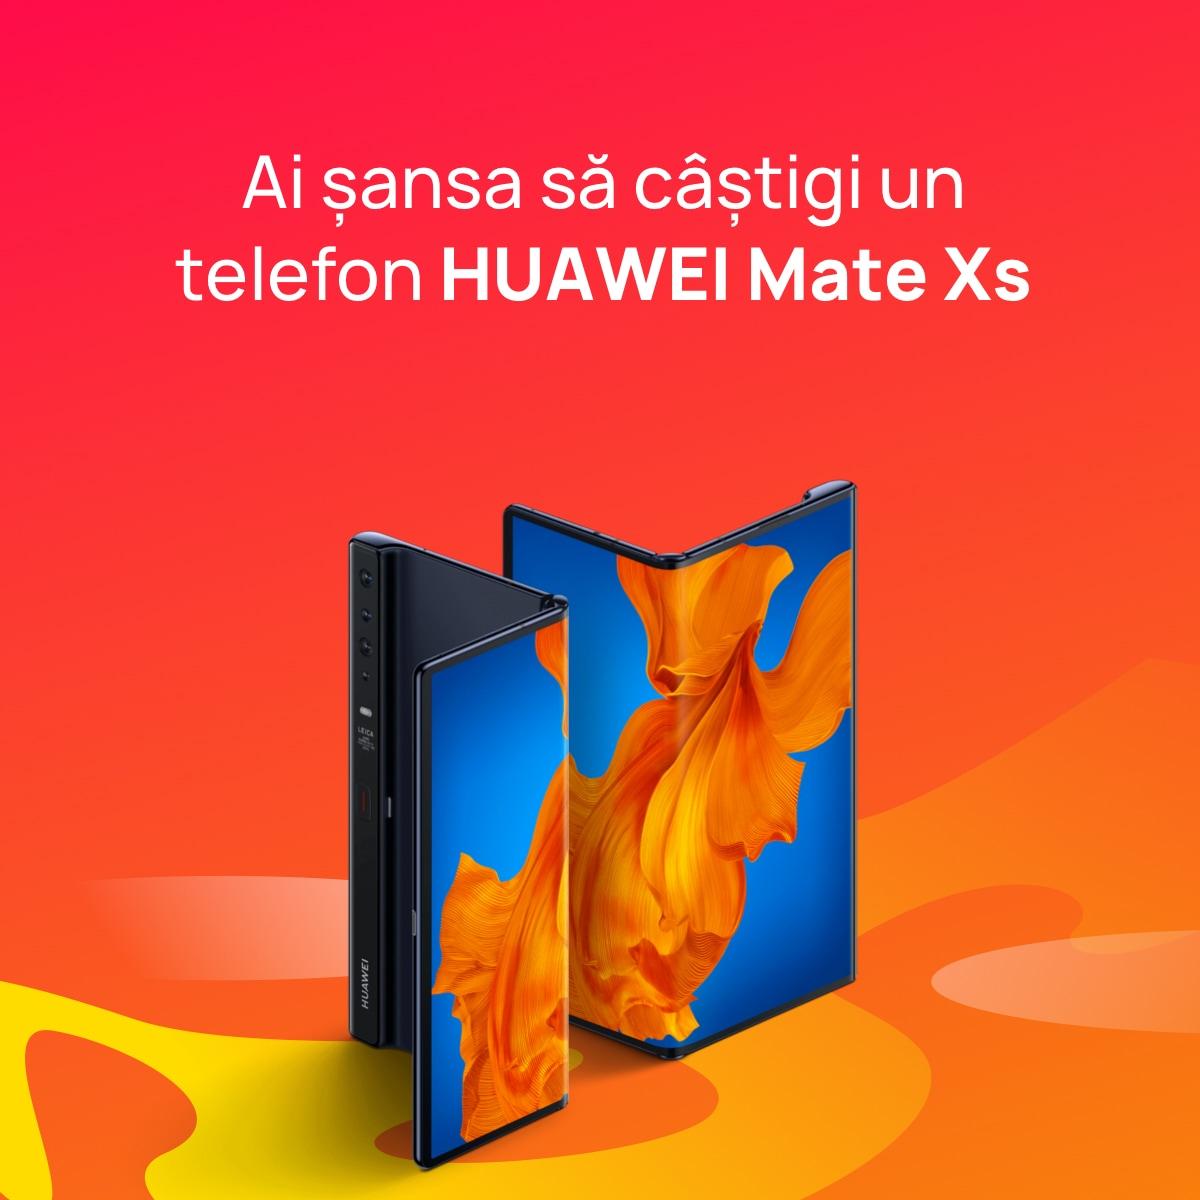 Noul magazin online Huawei Store se lansează în România. Marele premiu: un HUAWEI Mate Xs pliabil de peste 2.000 euro